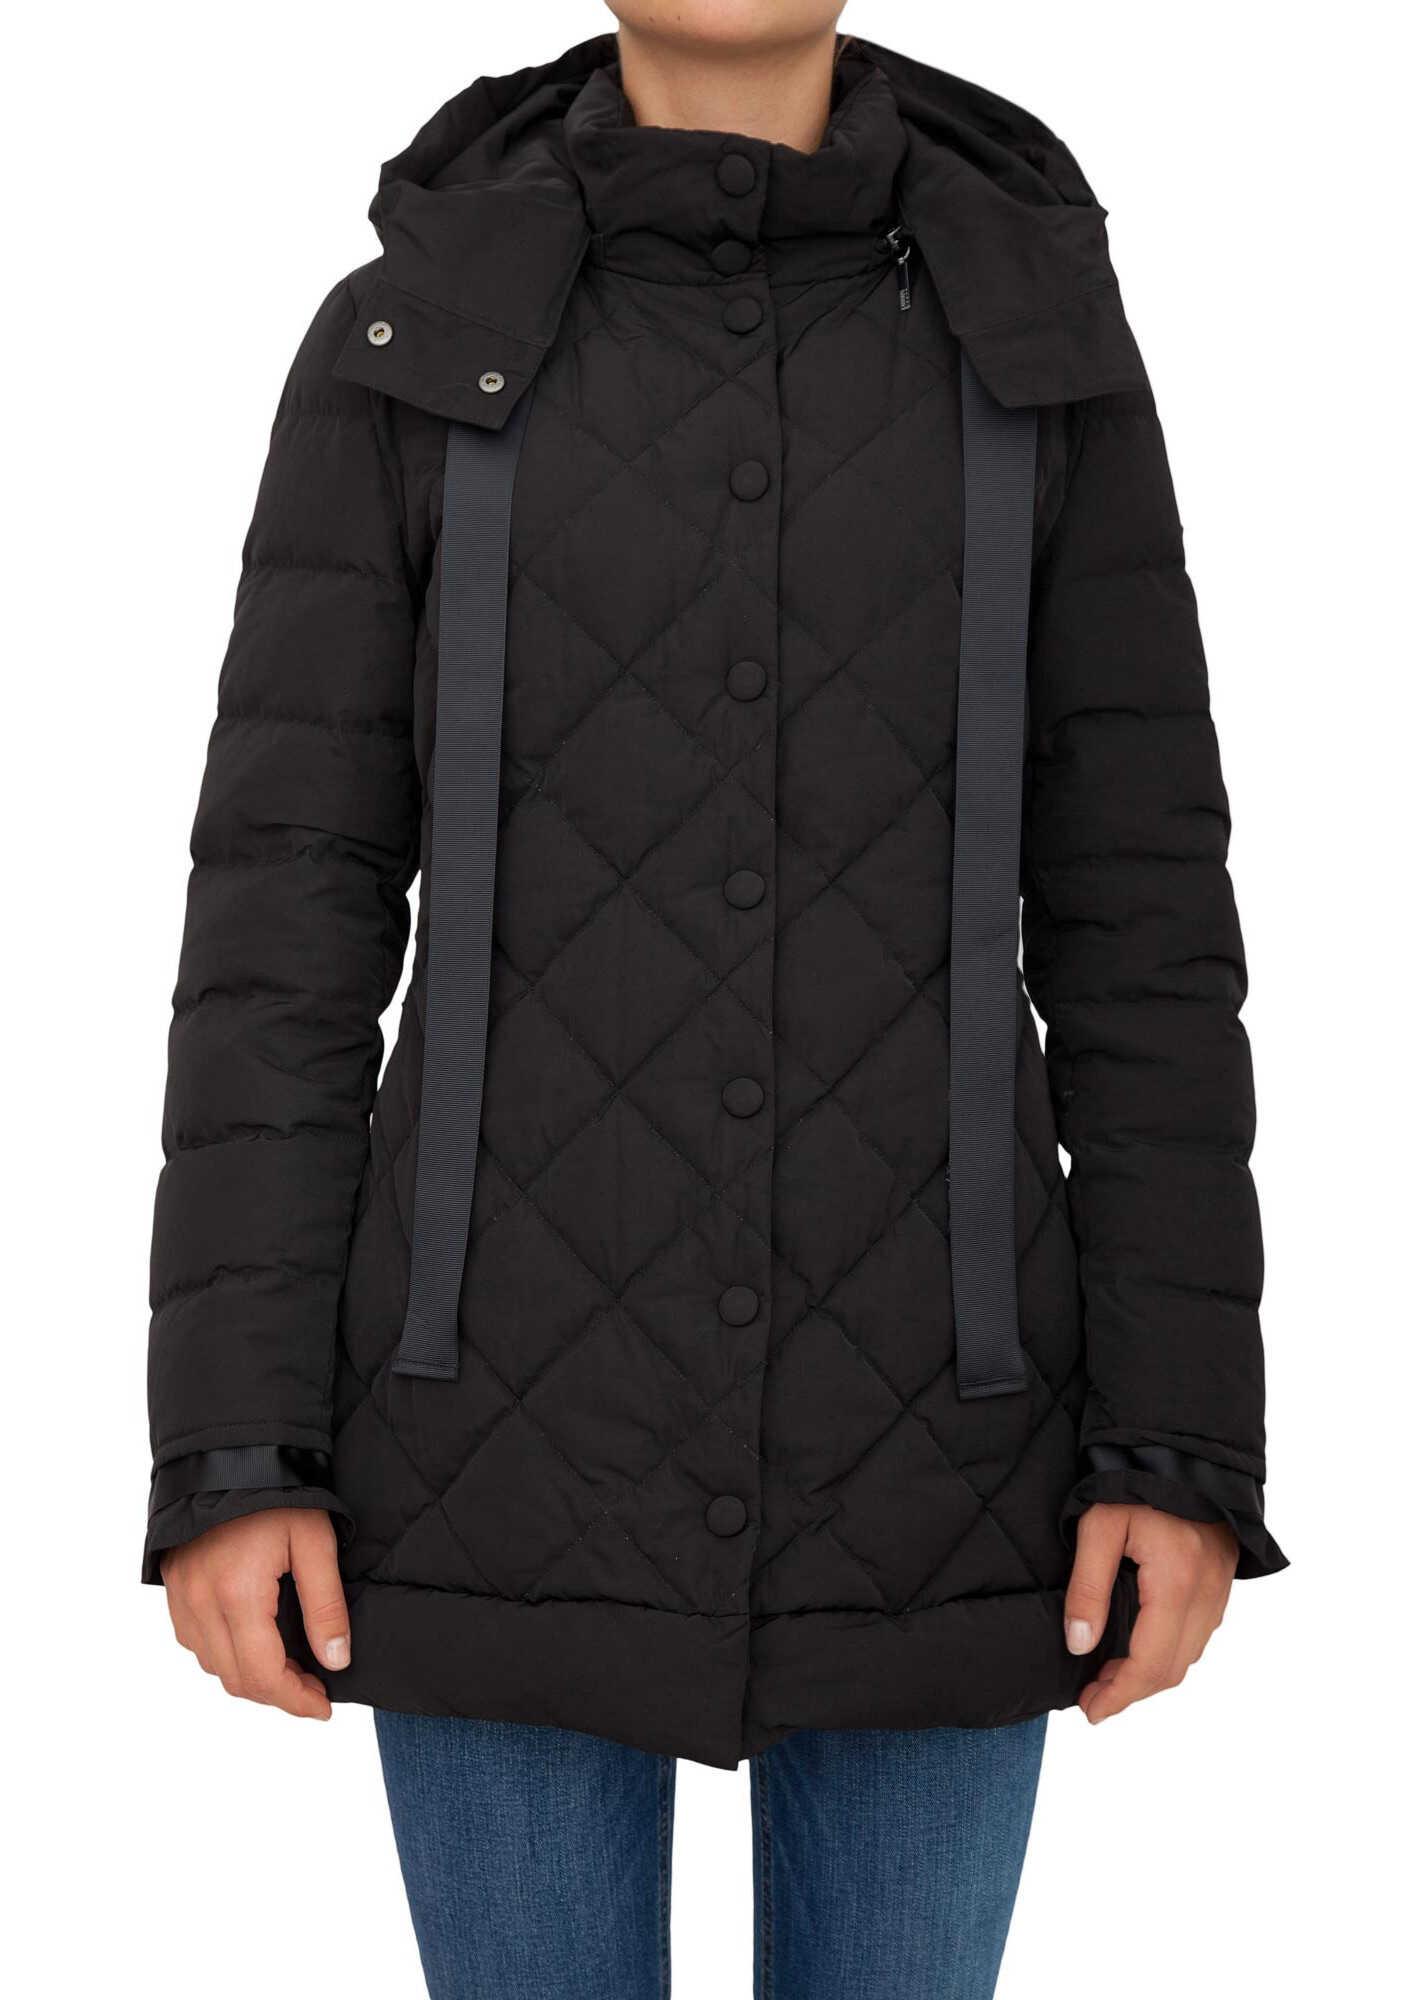 Armani Jeans A3F4882C BLACK